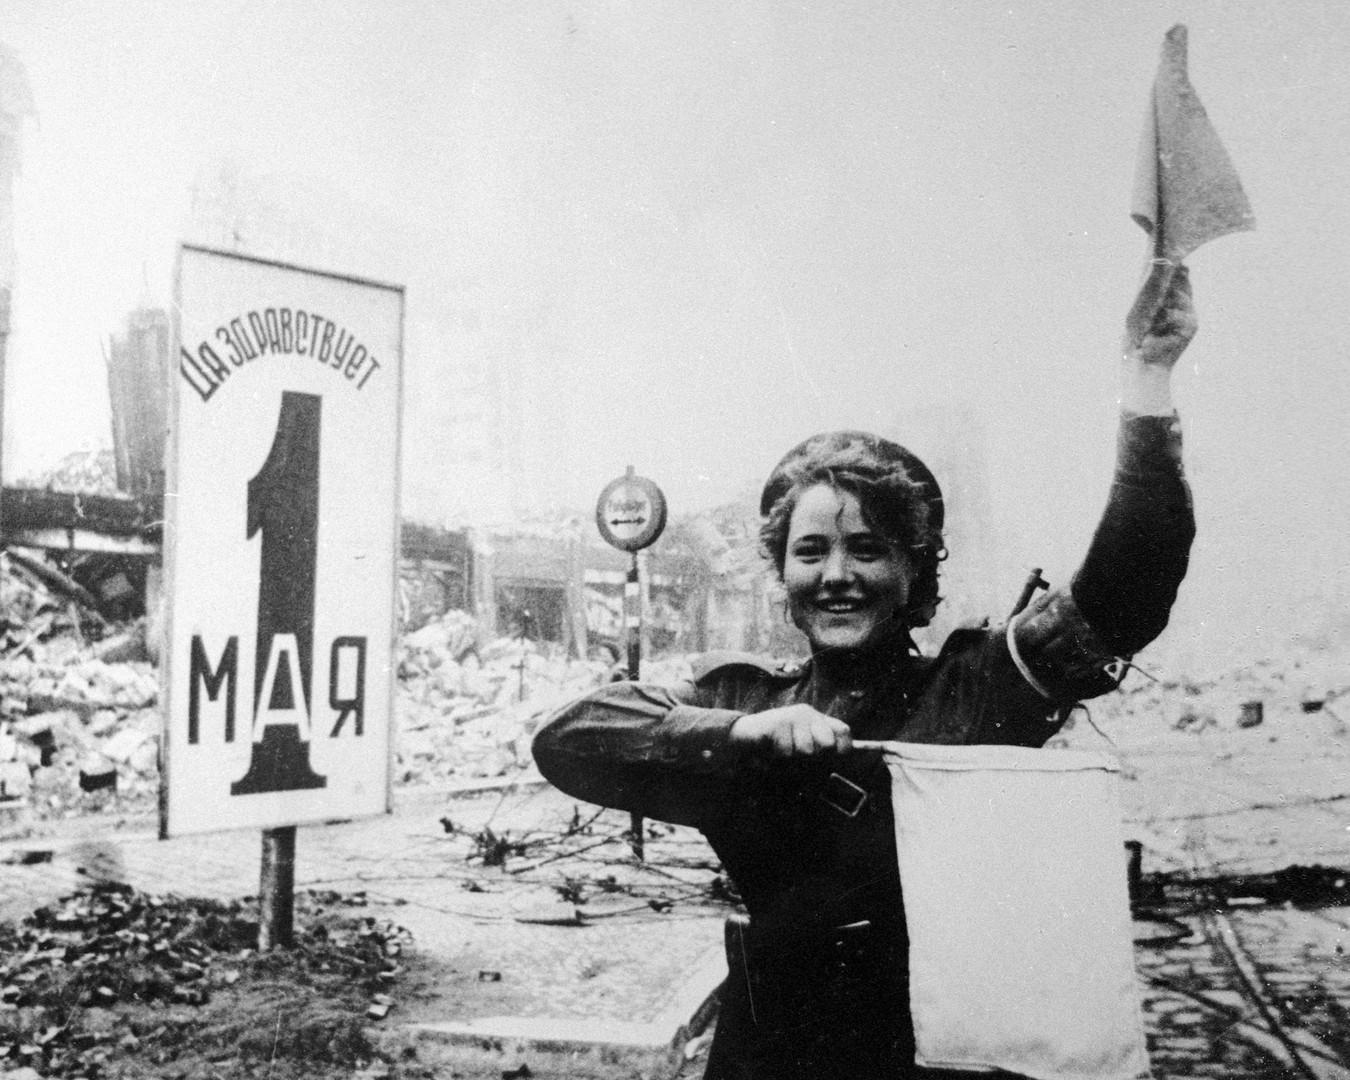 Auch nach dem Krieg beteiligten sich die Frauen an Regulierung, Organisation und Normalisierung des Lebens.